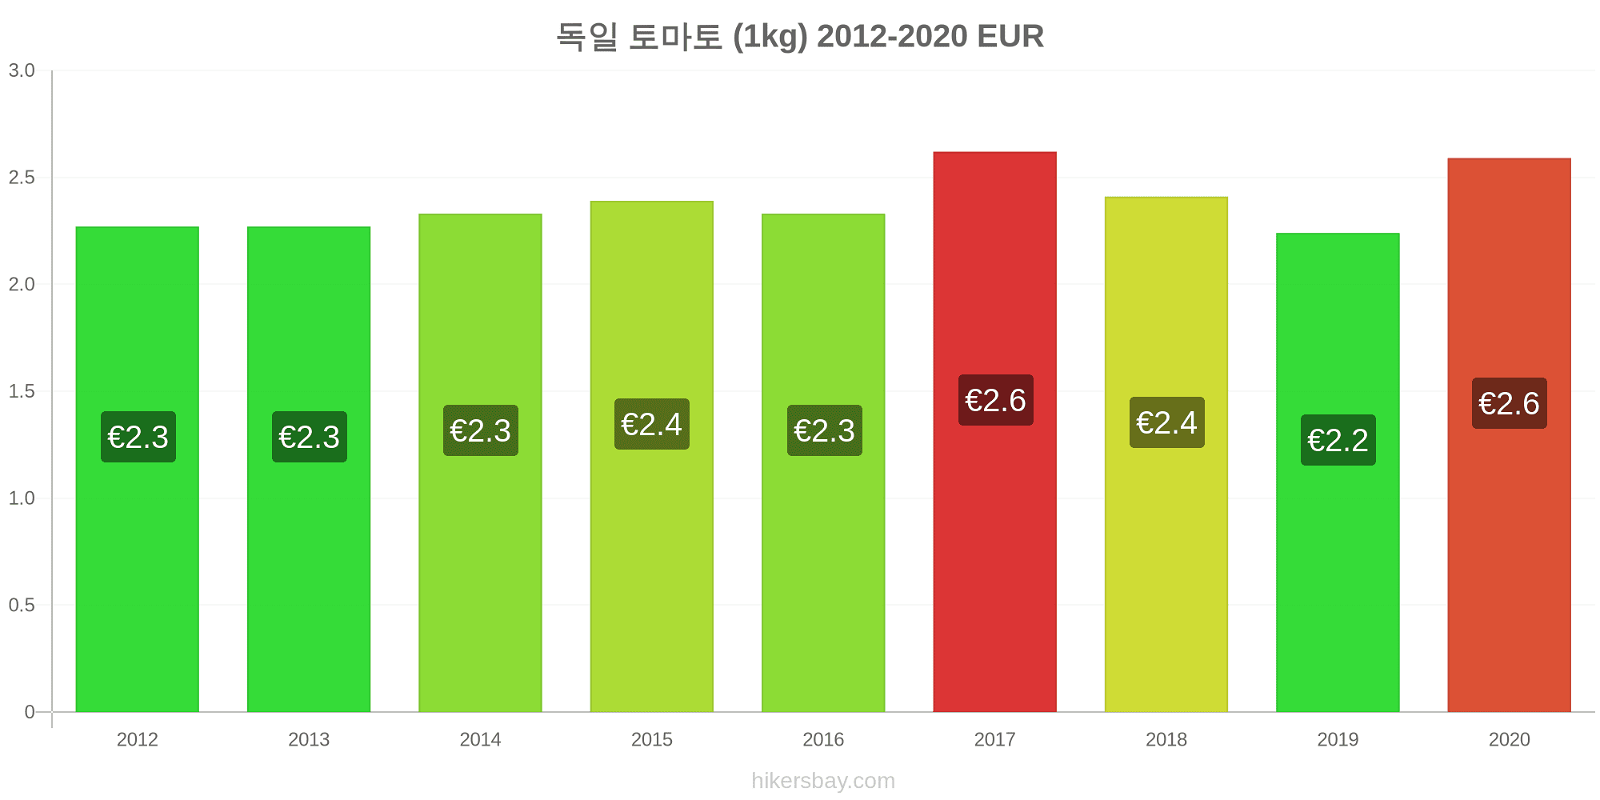 독일 가격 변경 토마토 (1kg) hikersbay.com